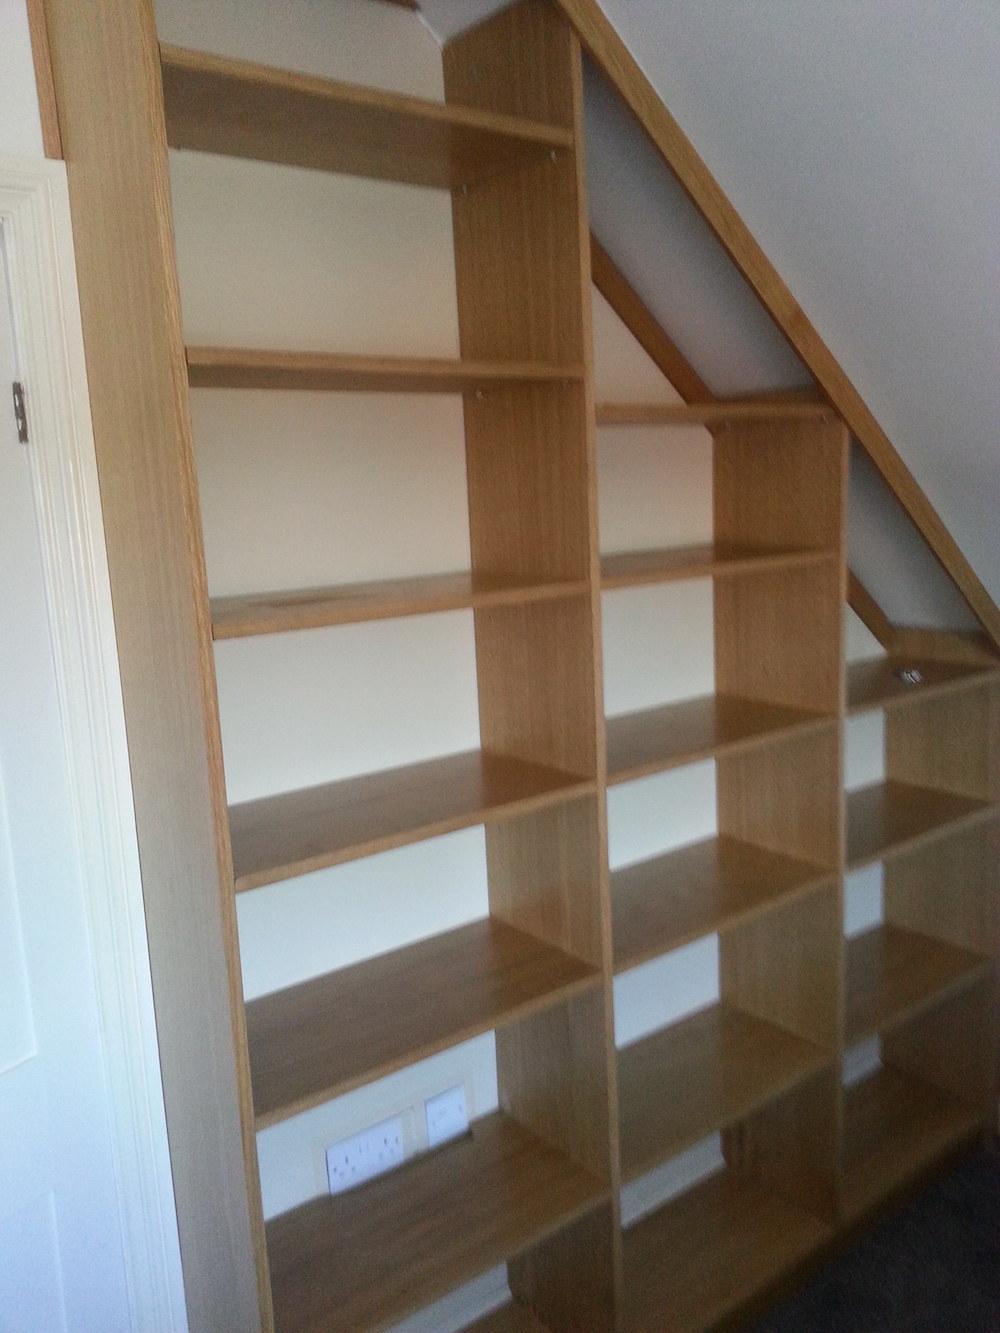 Oak veneer bookcase side-on